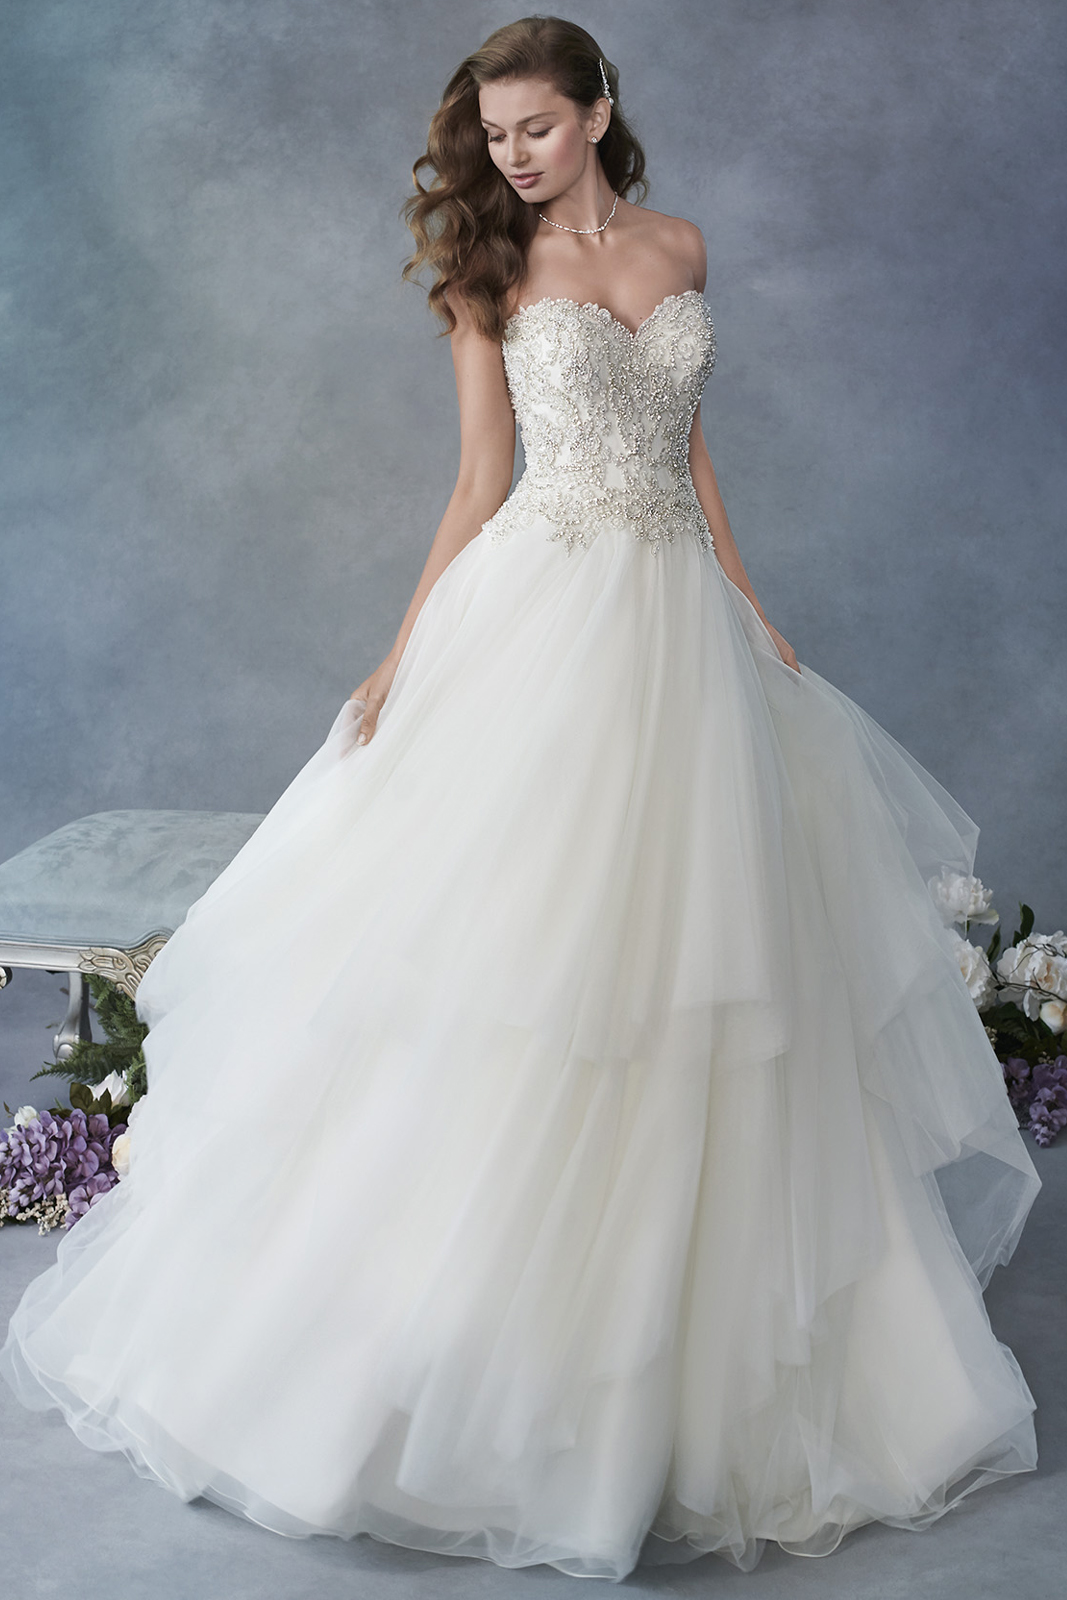 BE0329616 - The Bridal Emporium